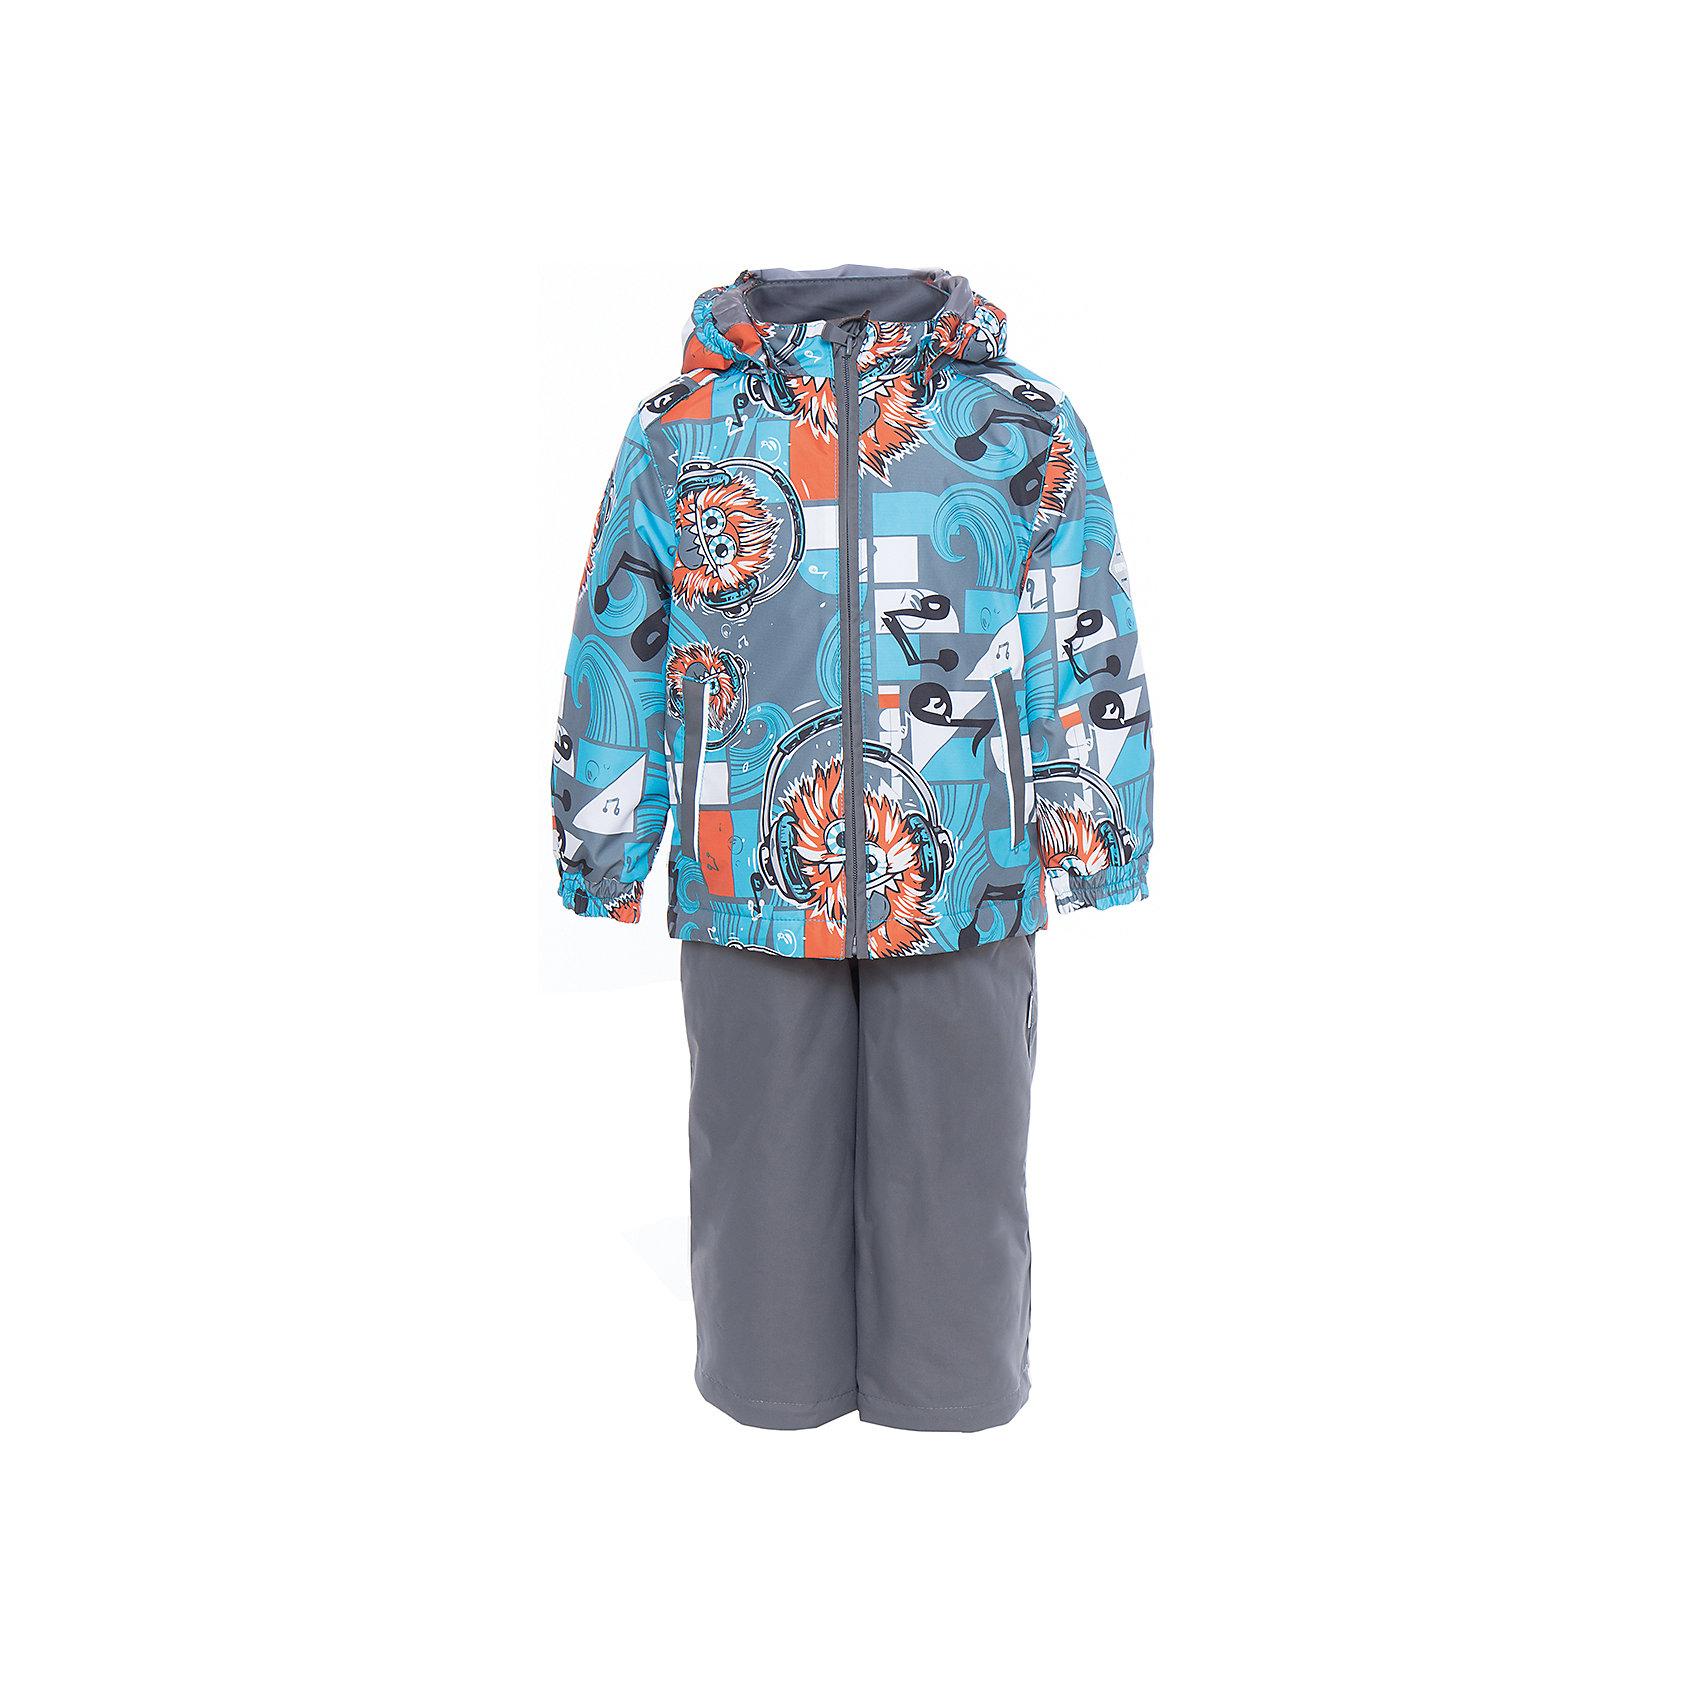 Комплект: куртка и полукомбинезон YOKO для мальчика HuppaКомплекты<br>Характеристики товара:<br><br>• цвет: голубой принт/серый<br>• комплектация: куртка и полукомбинезон <br>• ткань: 100% полиэстер<br>• подкладка: тафта - 100% полиэстер<br>• утеплитель: в куртке и в брюках - 100% полиэстер 100 г<br>• температурный режим: от -5°С до +10°С<br>• водонепроницаемость: 10000 мм<br>• воздухопроницаемость: 10000 мм<br>• светоотражающие детали<br>• шов сидения проклеен<br>• эластичный шнур по низу куртки<br>• эластичный шнур с фиксатором внизу брючин<br>• съёмный капюшон с резинкой<br>• эластичные манжеты рукавов<br>• регулируемые низы брючин<br>• без внутренних швов<br>• резиновые подтяжки<br>• коллекция: весна-лето 2017<br>• страна бренда: Эстония<br><br>Такой модный демисезонный комплект  обеспечит детям тепло и комфорт. Он сделан из материала, отталкивающего воду, и дополнен подкладкой с утеплителем, поэтому изделие идеально подходит для межсезонья. Материал изделий - с мембранной технологией: защищая от влаги и ветра, он легко выводит лишнюю влагу наружу. Комплект очень симпатично смотрится. <br><br>Одежда и обувь от популярного эстонского бренда Huppa - отличный вариант одеть ребенка можно и комфортно. Вещи, выпускаемые компанией, качественные, продуманные и очень удобные. Для производства изделий используются только безопасные для детей материалы. Продукция от Huppa порадует и детей, и их родителей!<br><br>Комплект: куртка и полукомбинезон YOKO от бренда Huppa (Хуппа) можно купить в нашем интернет-магазине.<br><br>Ширина мм: 356<br>Глубина мм: 10<br>Высота мм: 245<br>Вес г: 519<br>Цвет: голубой<br>Возраст от месяцев: 18<br>Возраст до месяцев: 24<br>Пол: Мужской<br>Возраст: Детский<br>Размер: 92,122,98,104,110,116<br>SKU: 5346774